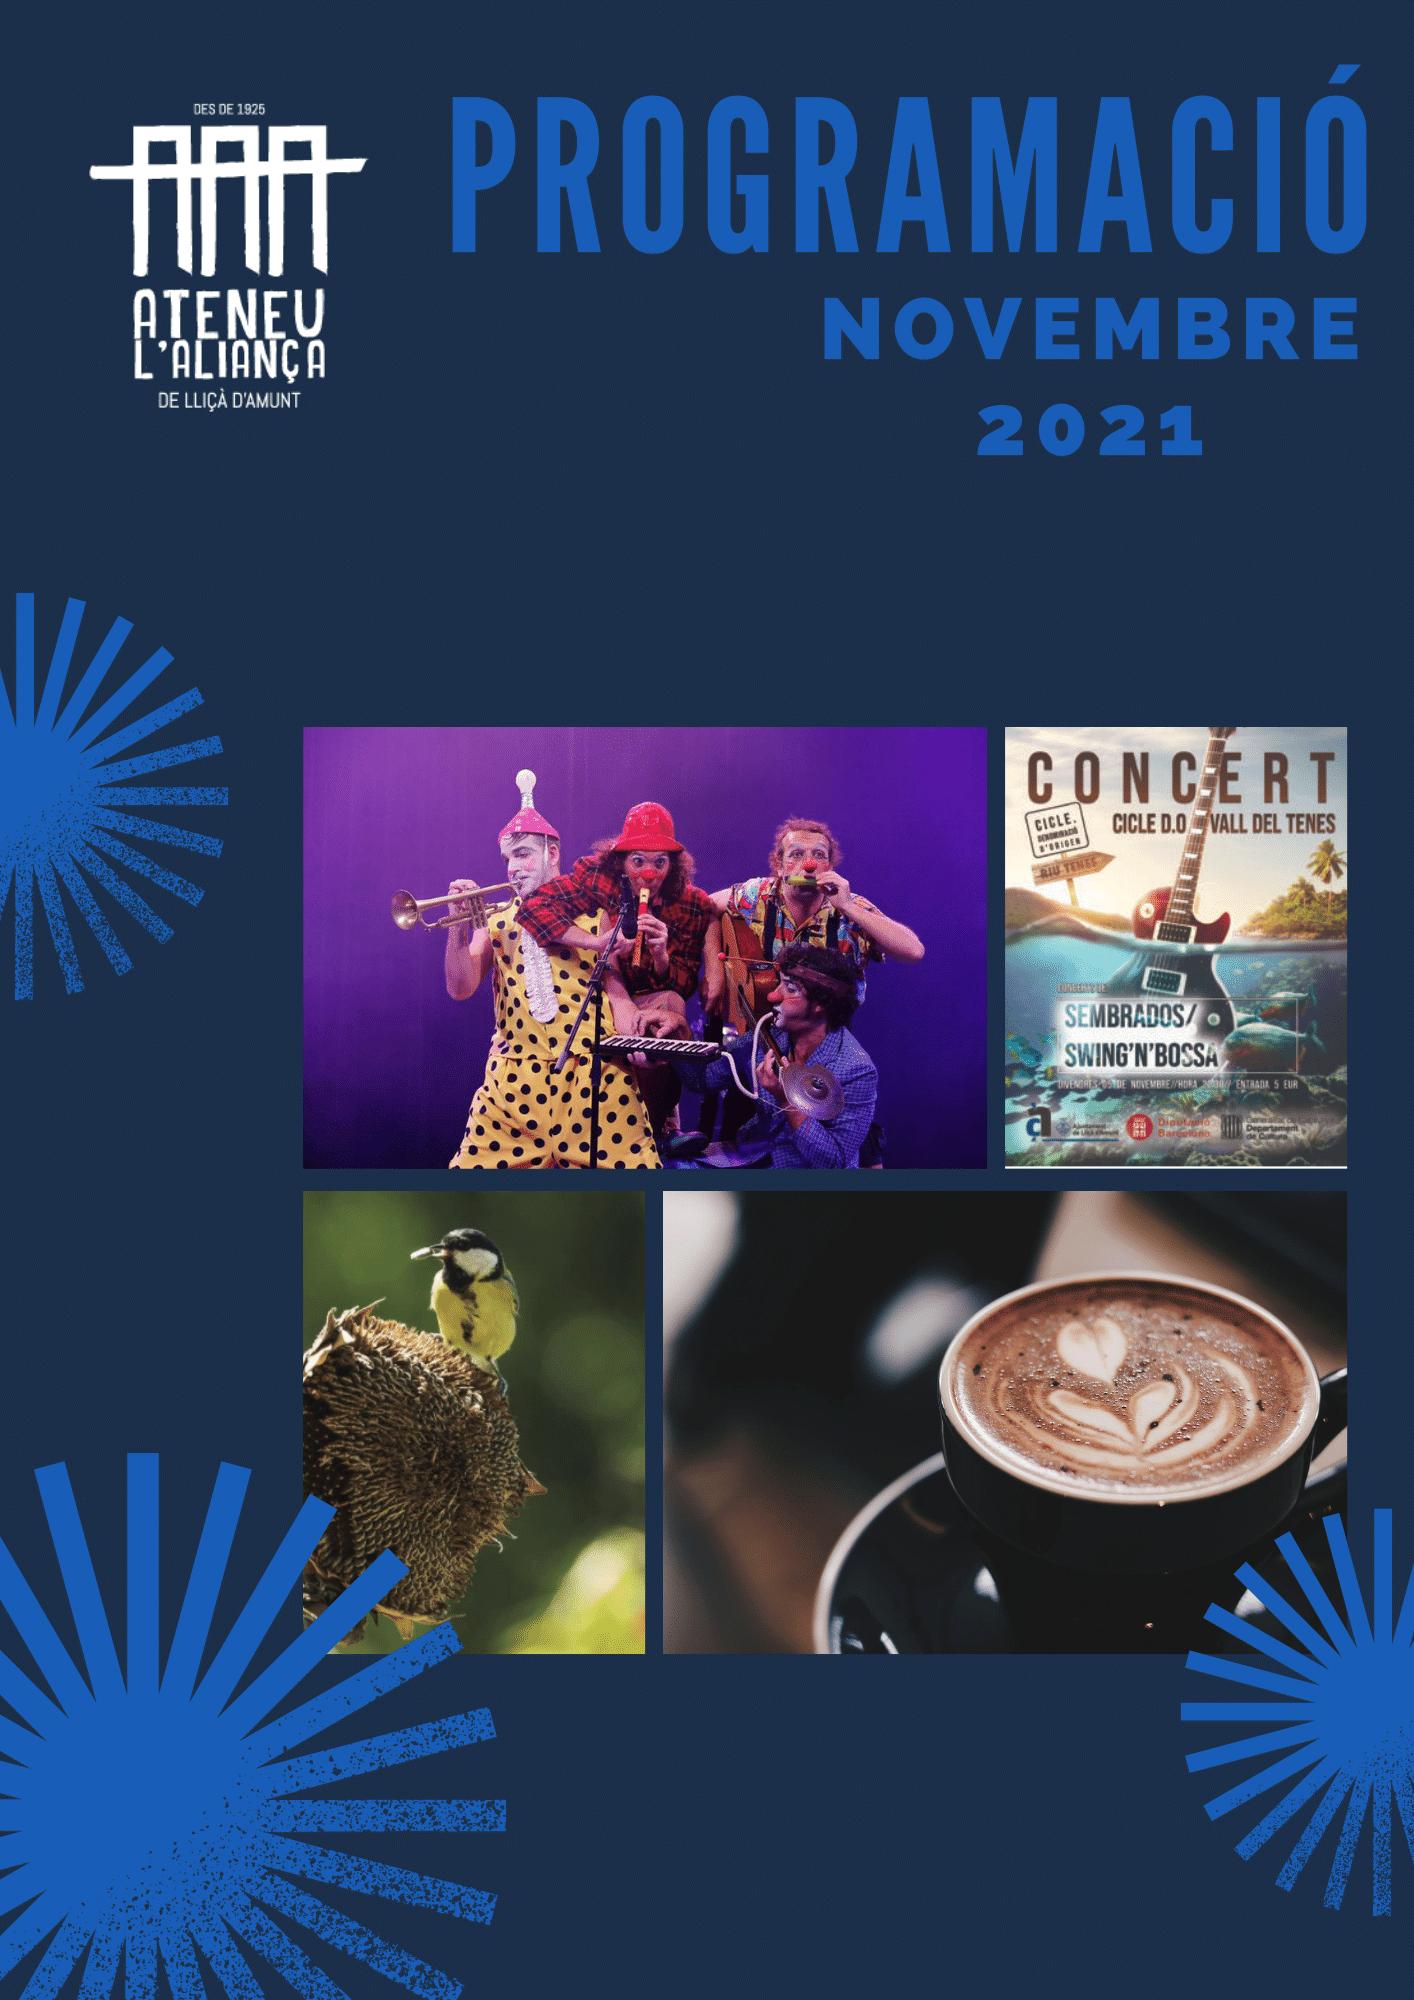 Programació Cultural de Novembre 2021 a L'Ateneu Aliança